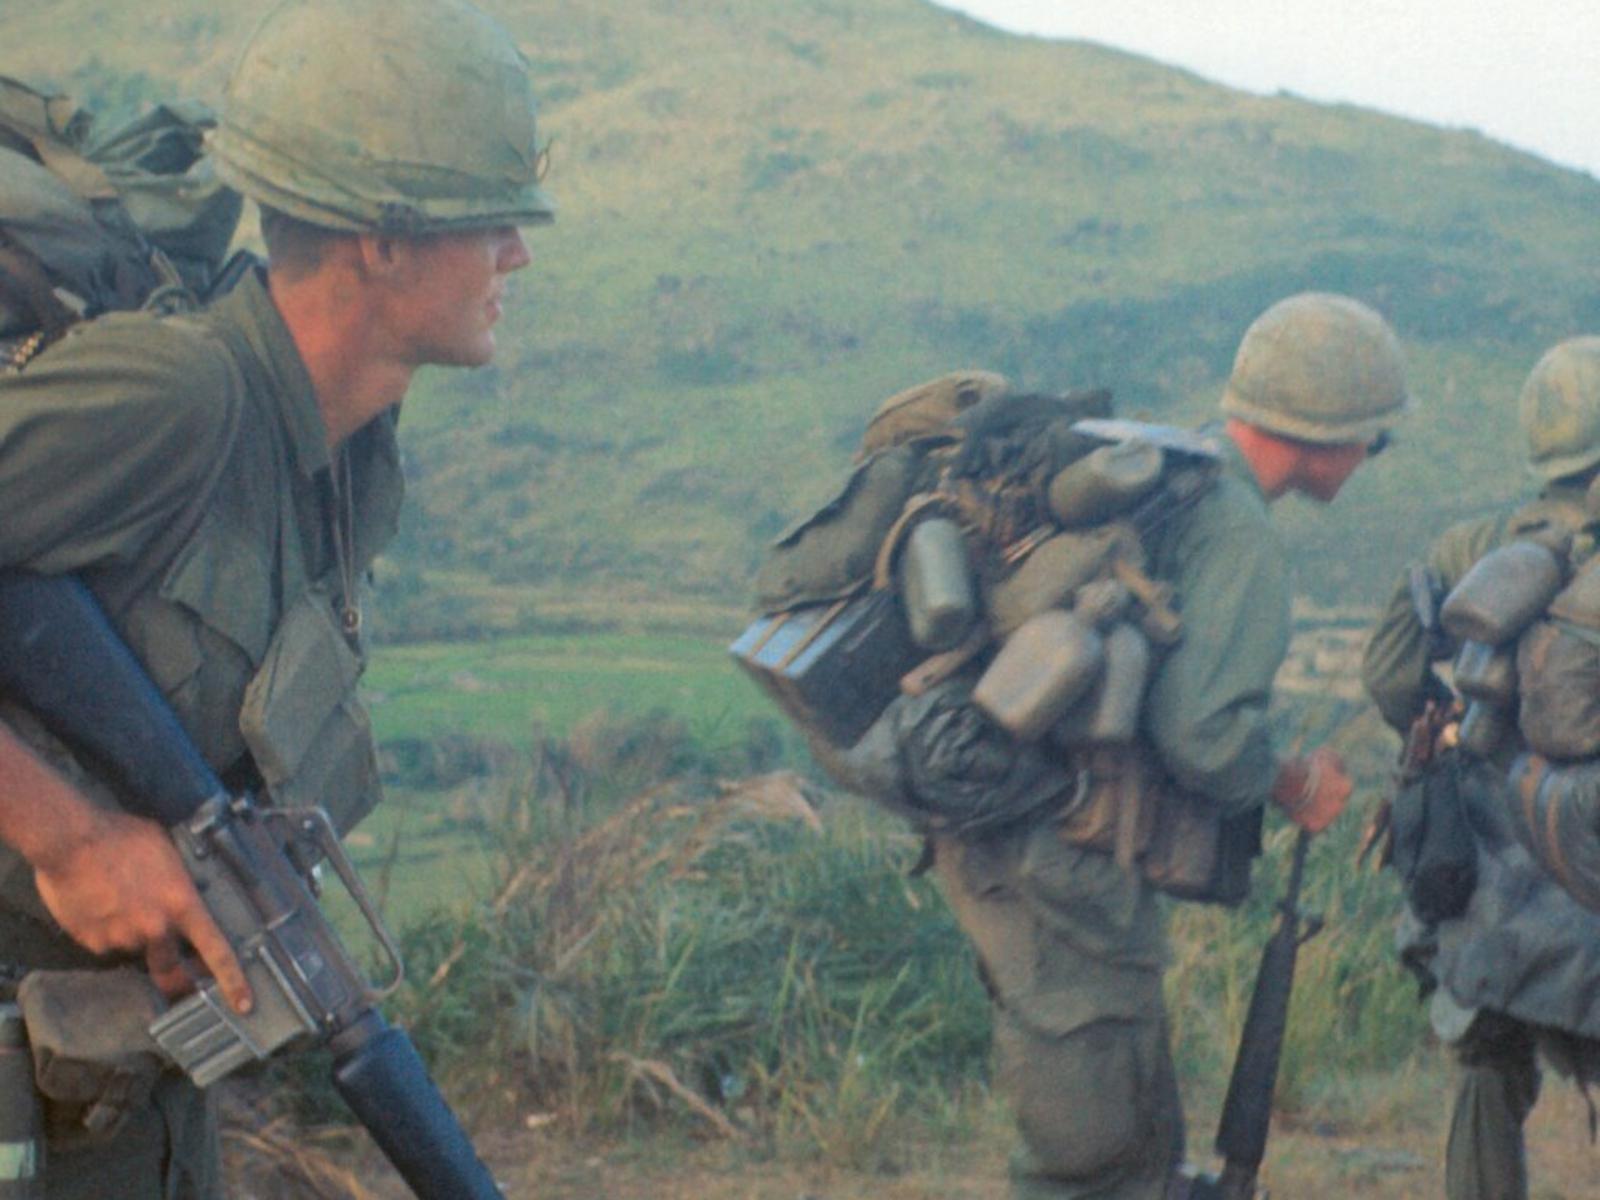 Vietnam War Wallpaper 32jpg 1600x1200